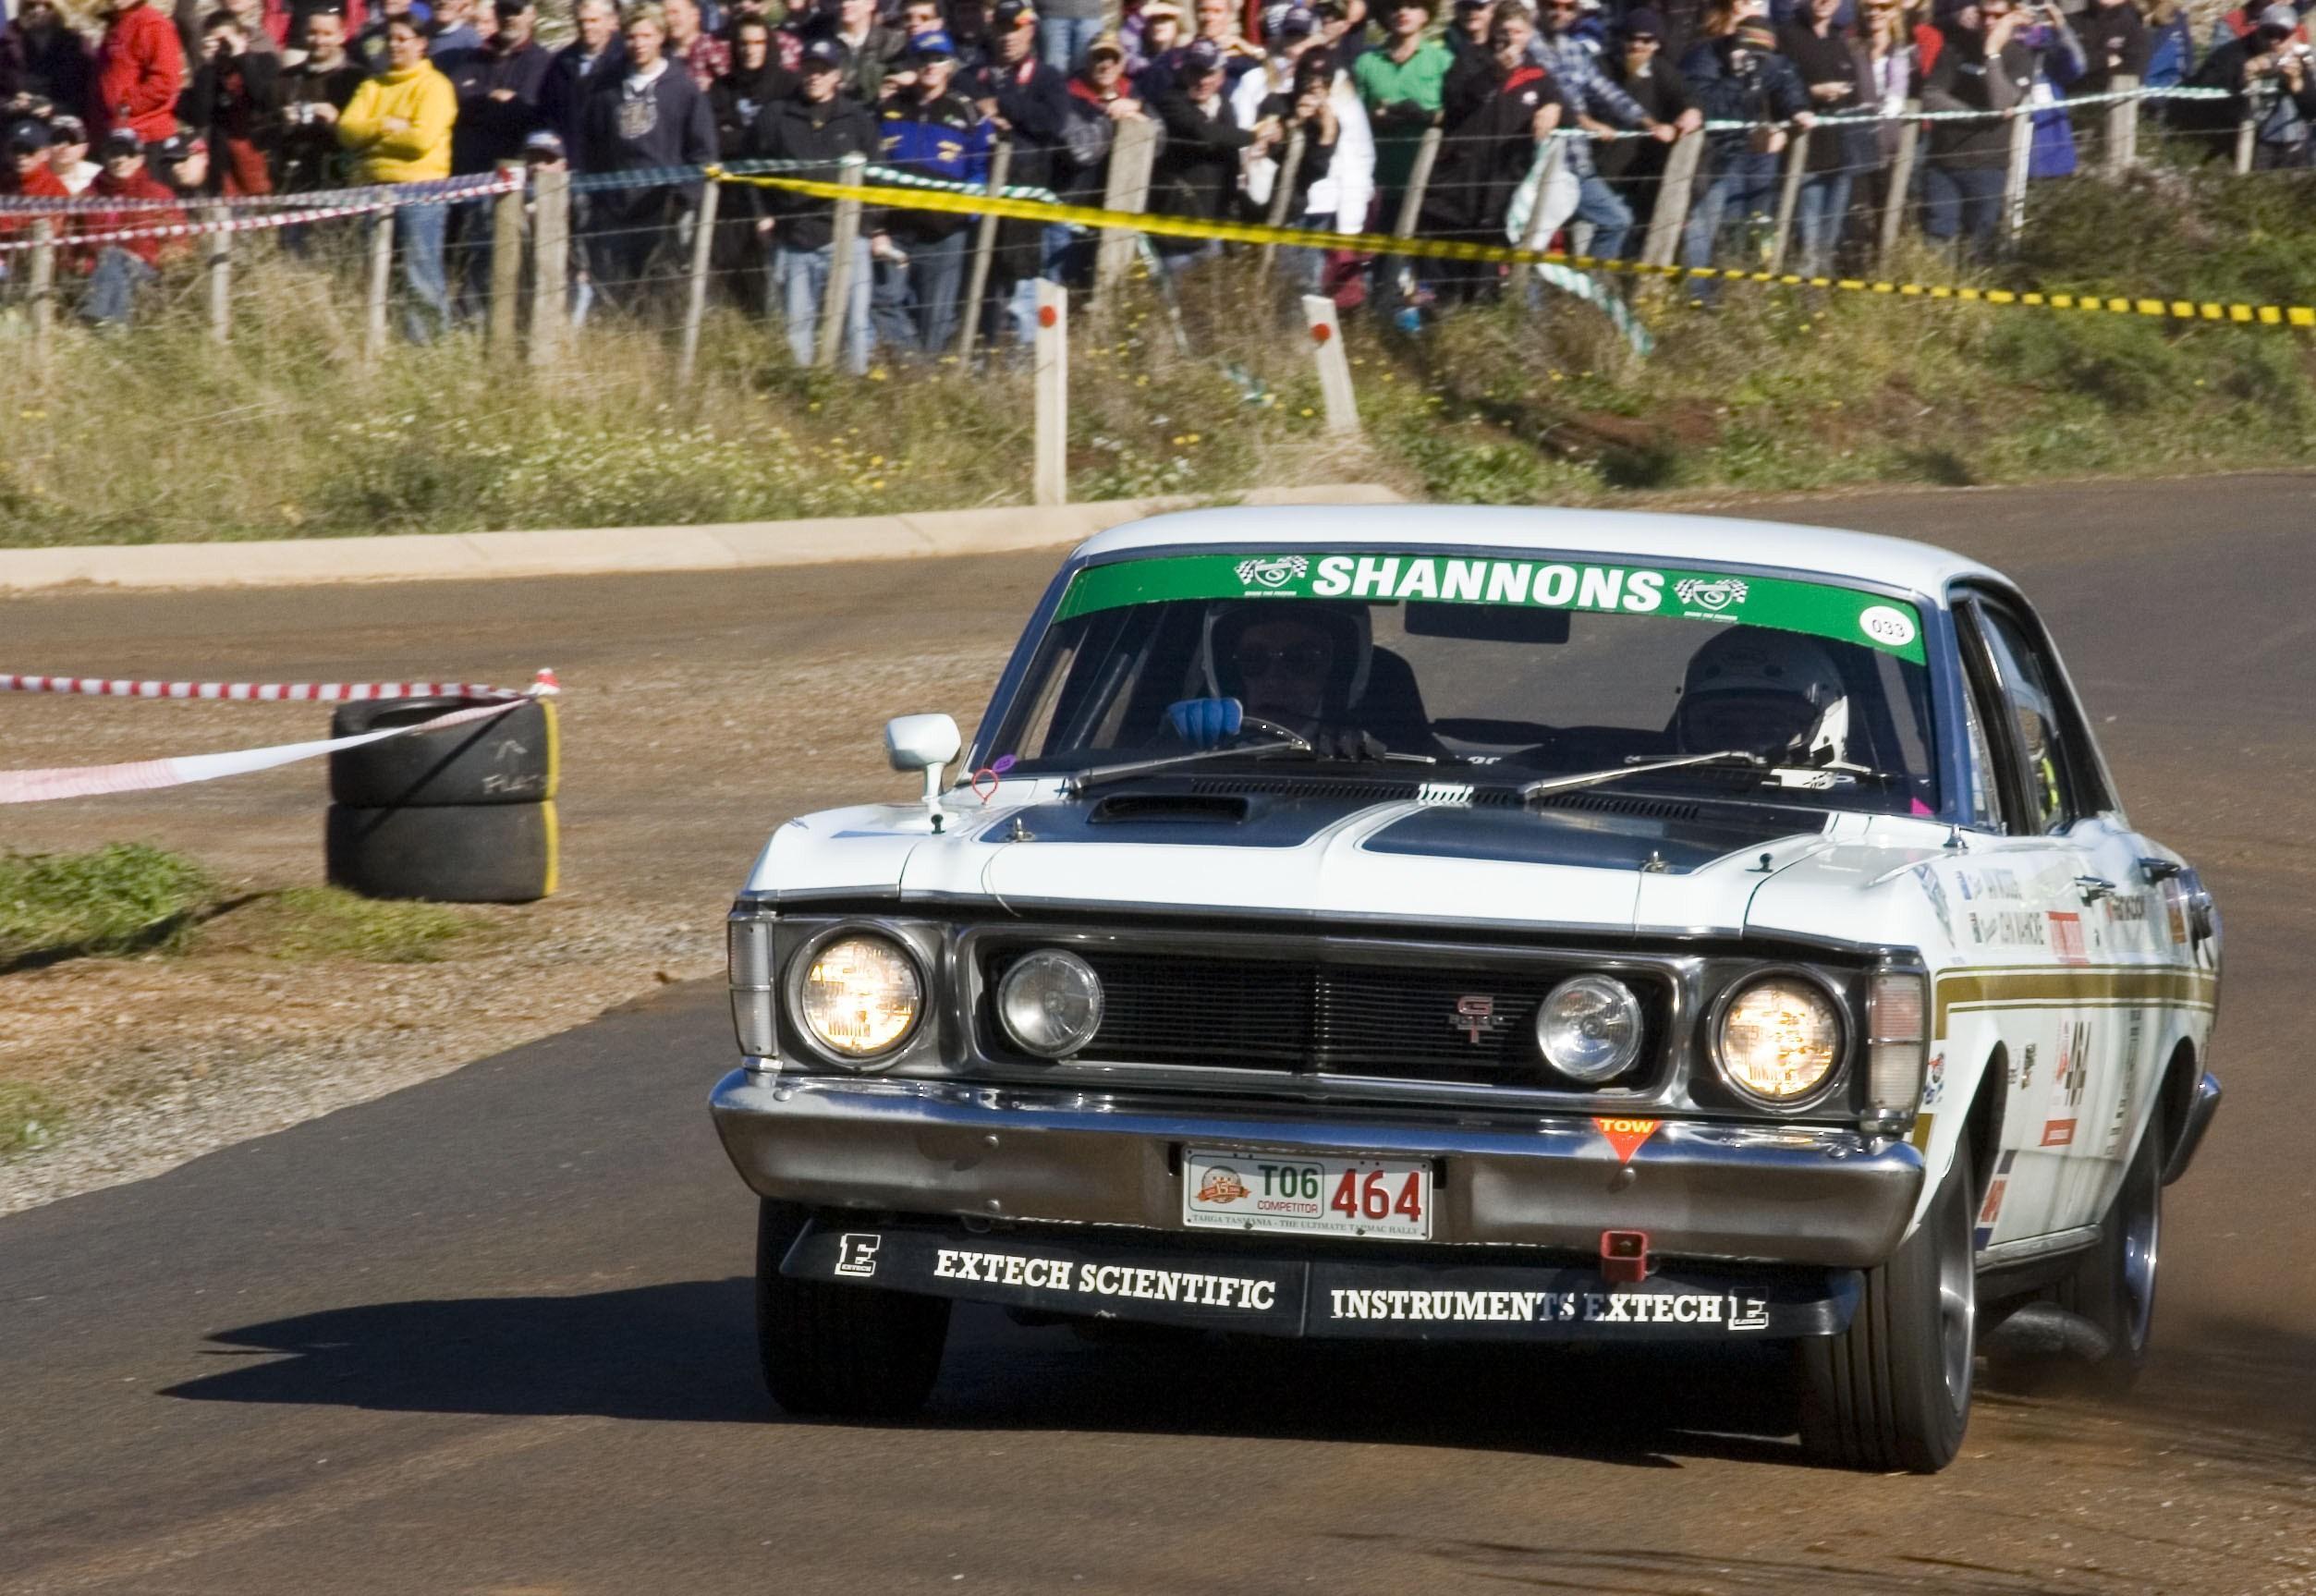 1969 Ford XW Falcon GT (replica) racing in Targa Tasmania